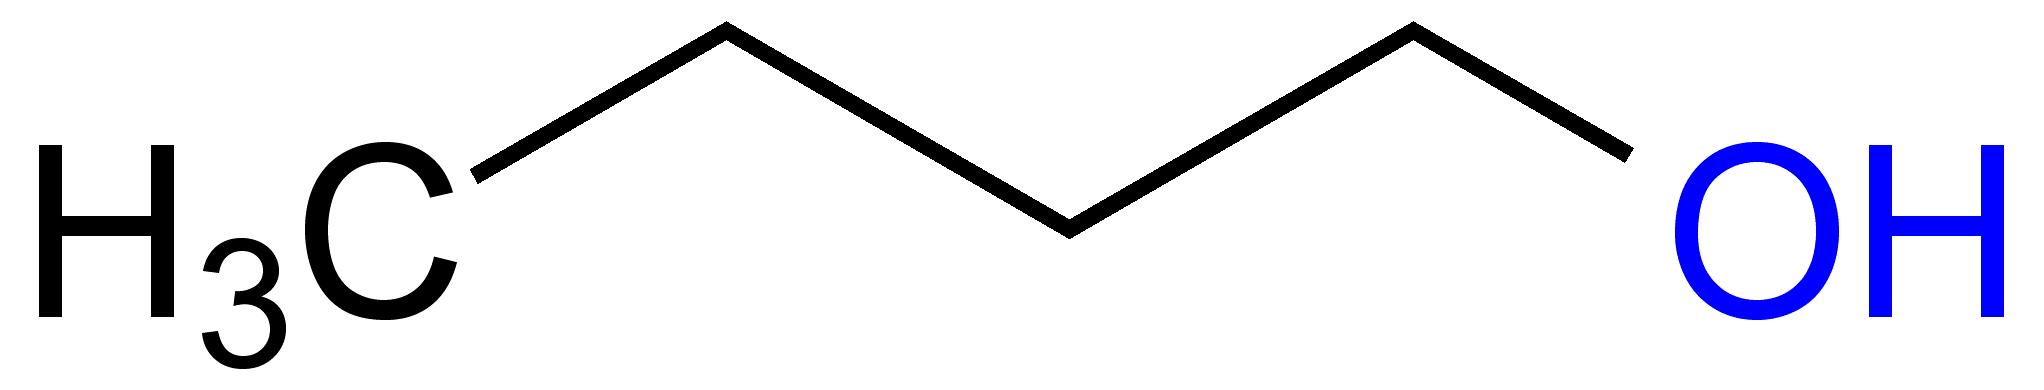 Structural Formula For 1-butanol File:1-butanol Structural